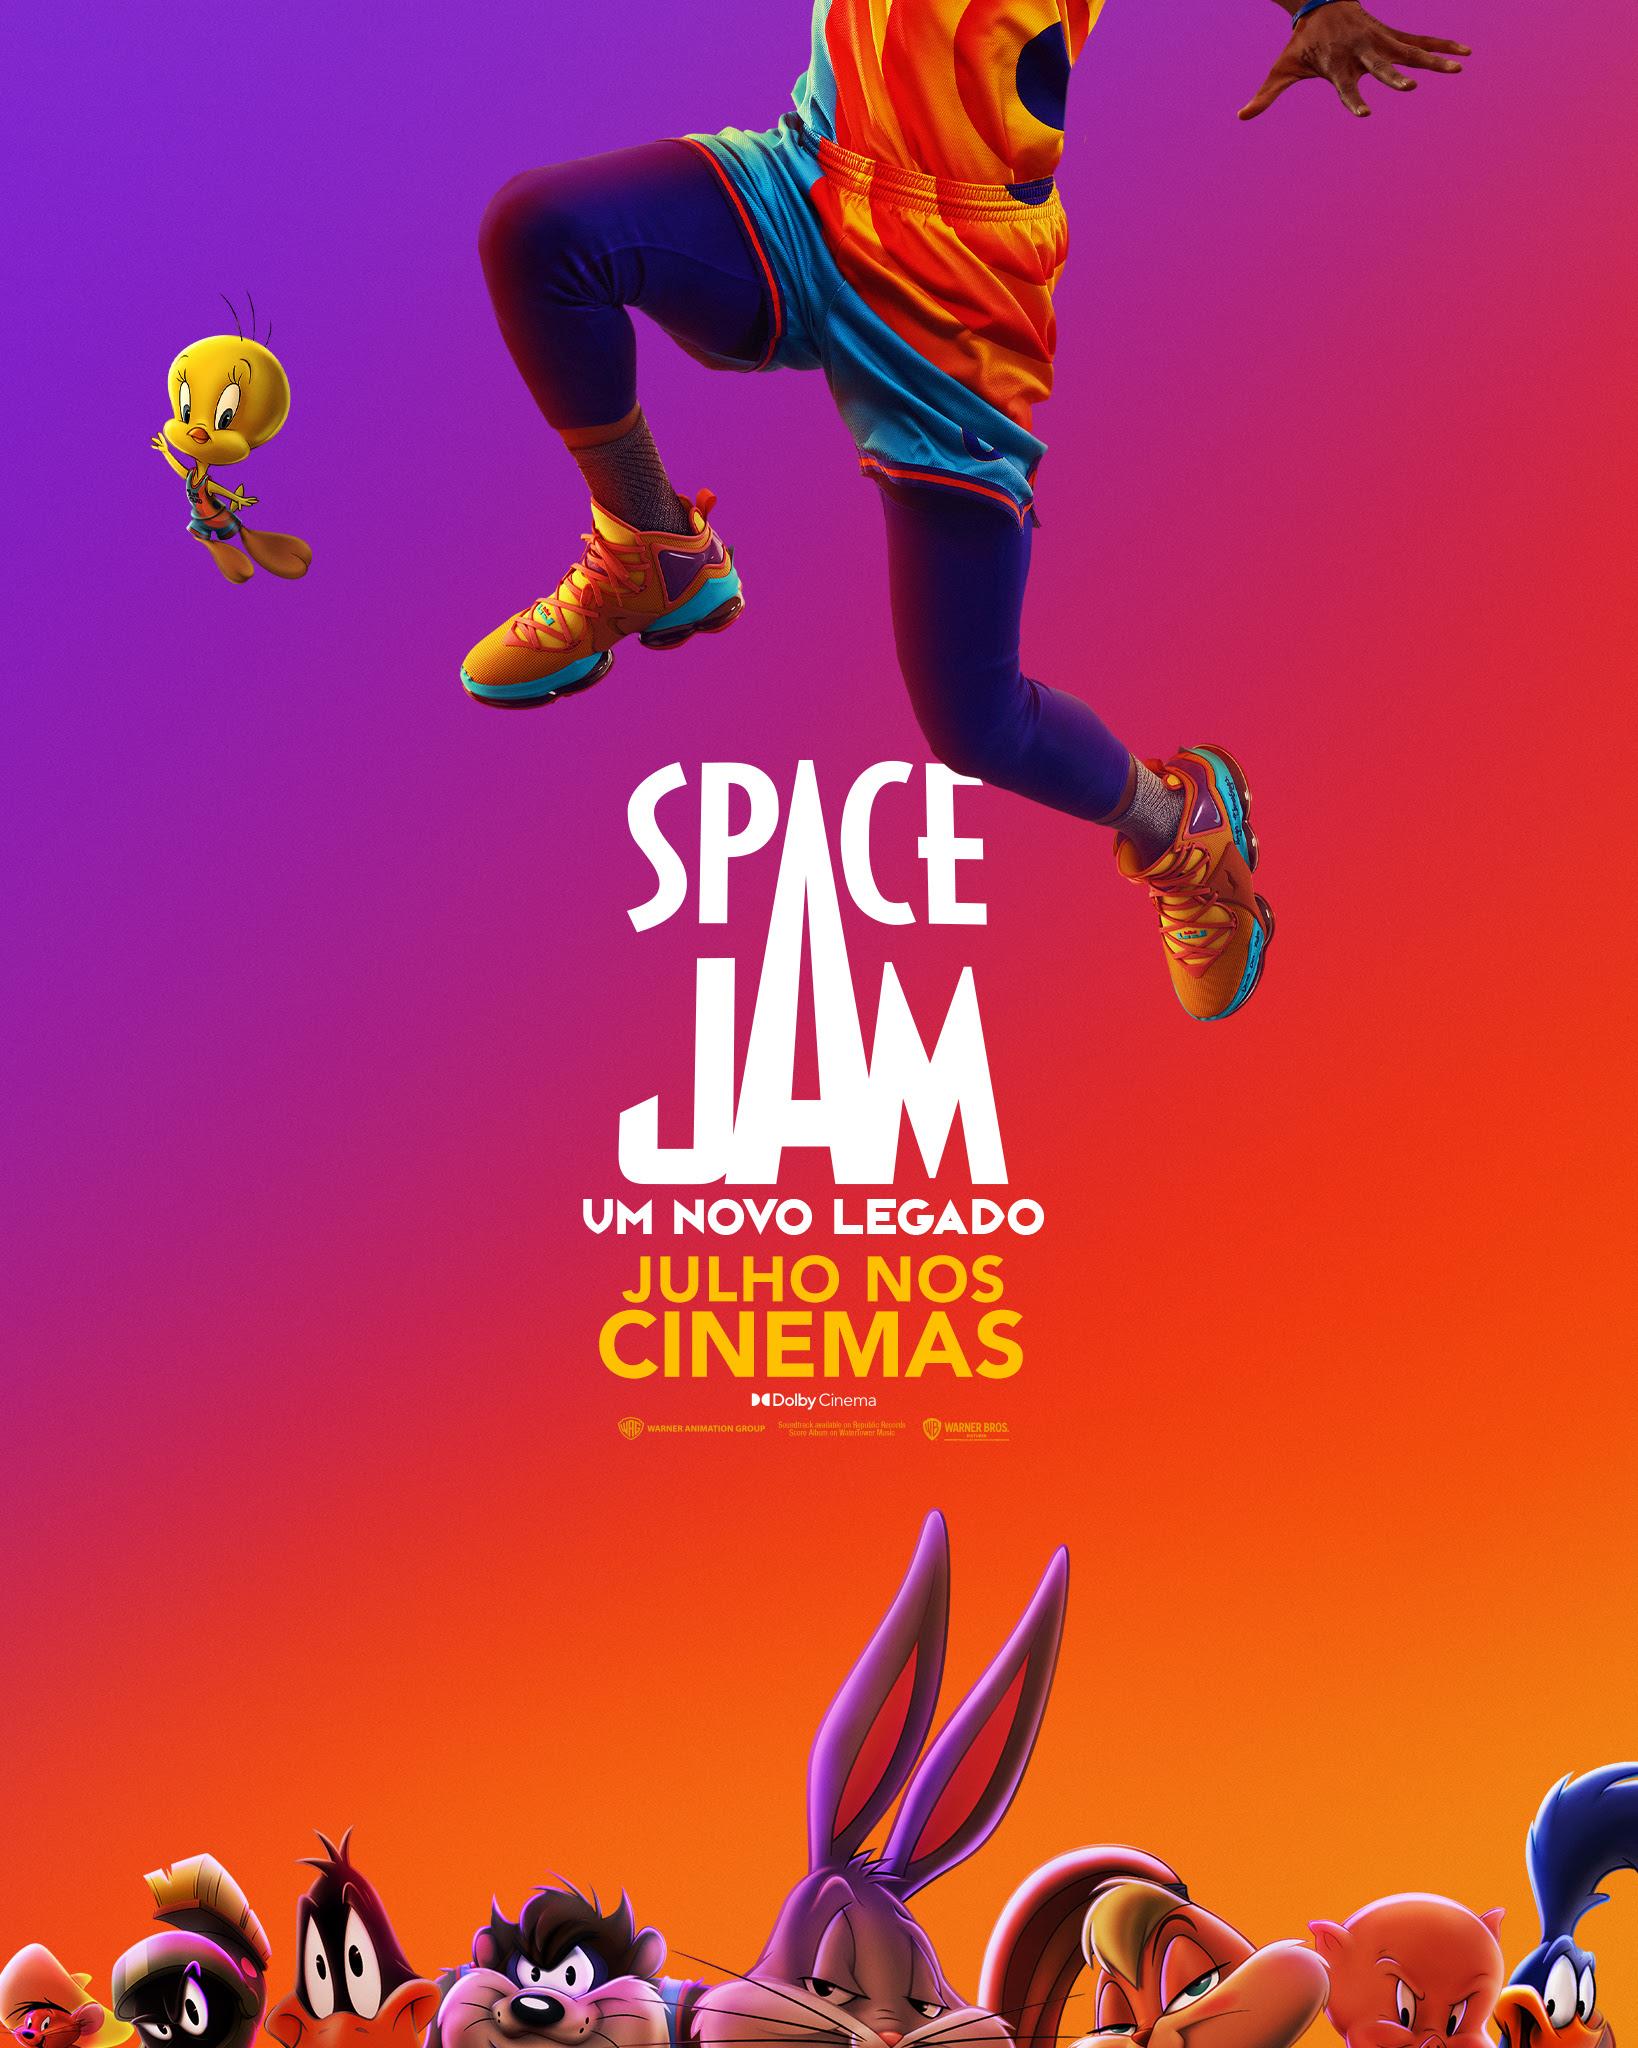 """Novo trailer de """"Space Jam 2"""" reforça que o filme é exclusivo dos cinemas  no Brasil - Pipoca Moderna"""